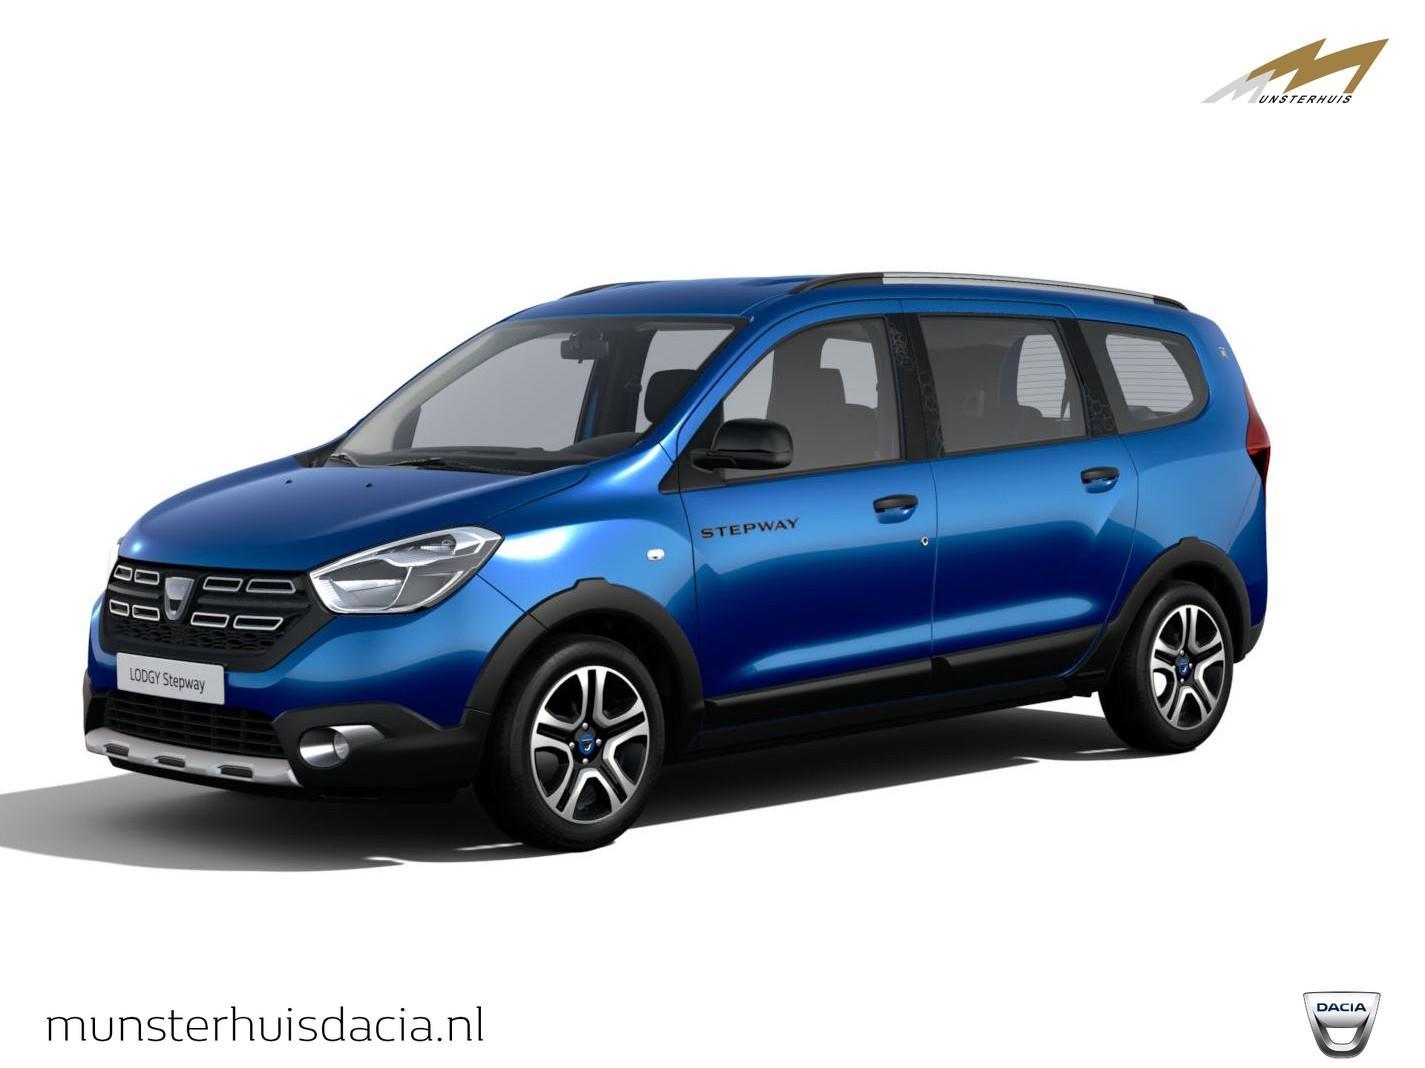 Dacia Lodgy Tce 130 série limitée 15th anniversary - nieuw - wordt verwacht